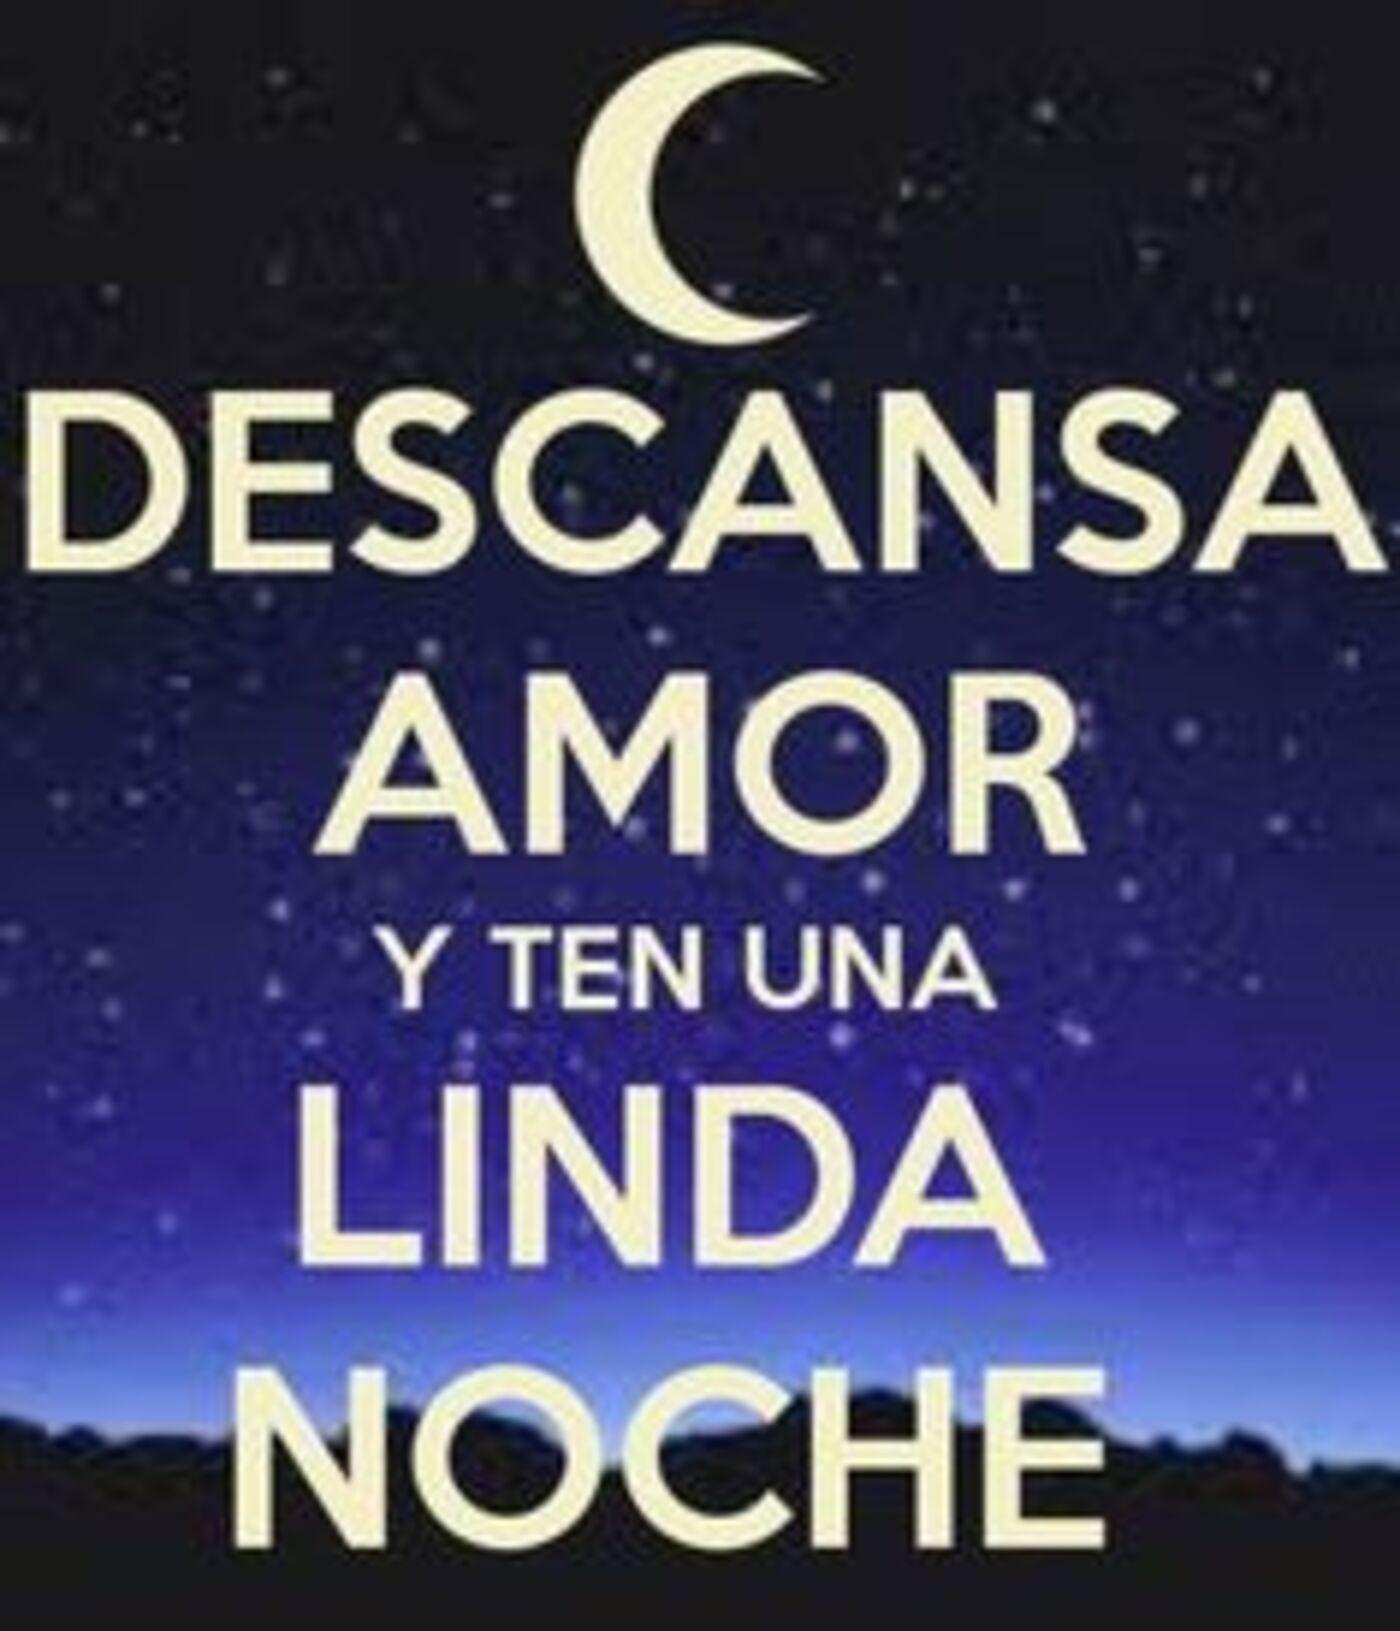 Descansa amor y ten una linda noche